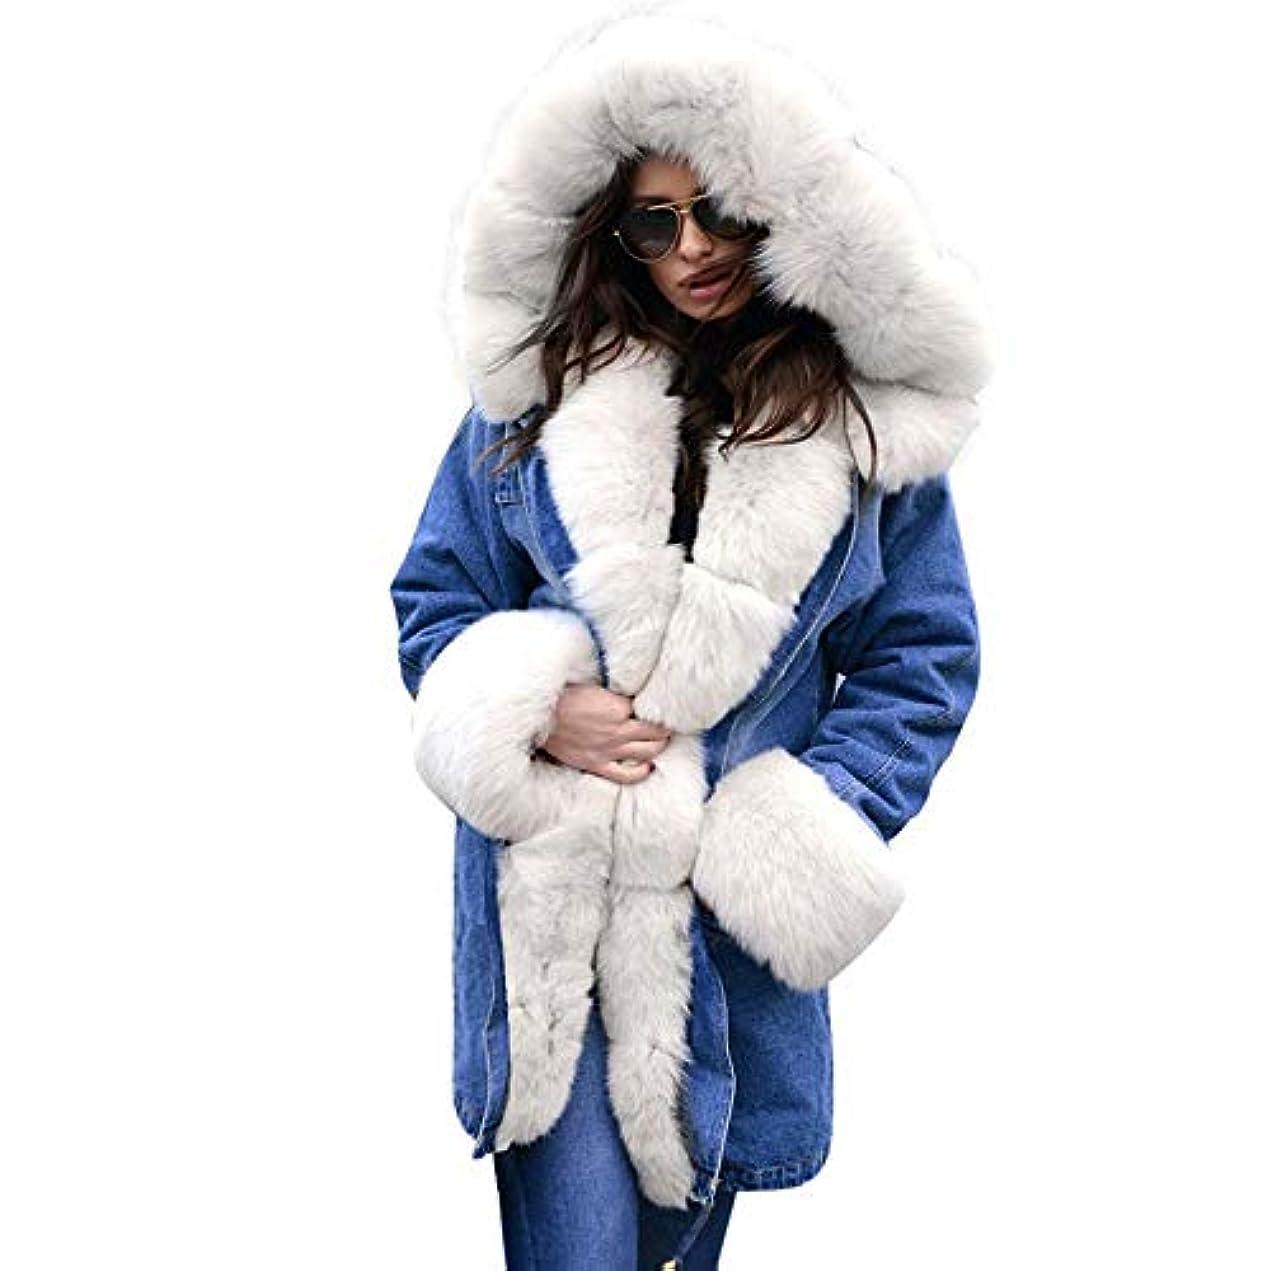 一生ゆりディレクターファッションウィンタージャケット女性ウォームコートフェイクファーコットンフリースオーバーコート女性ロングフードコートパーカスパーカー,L